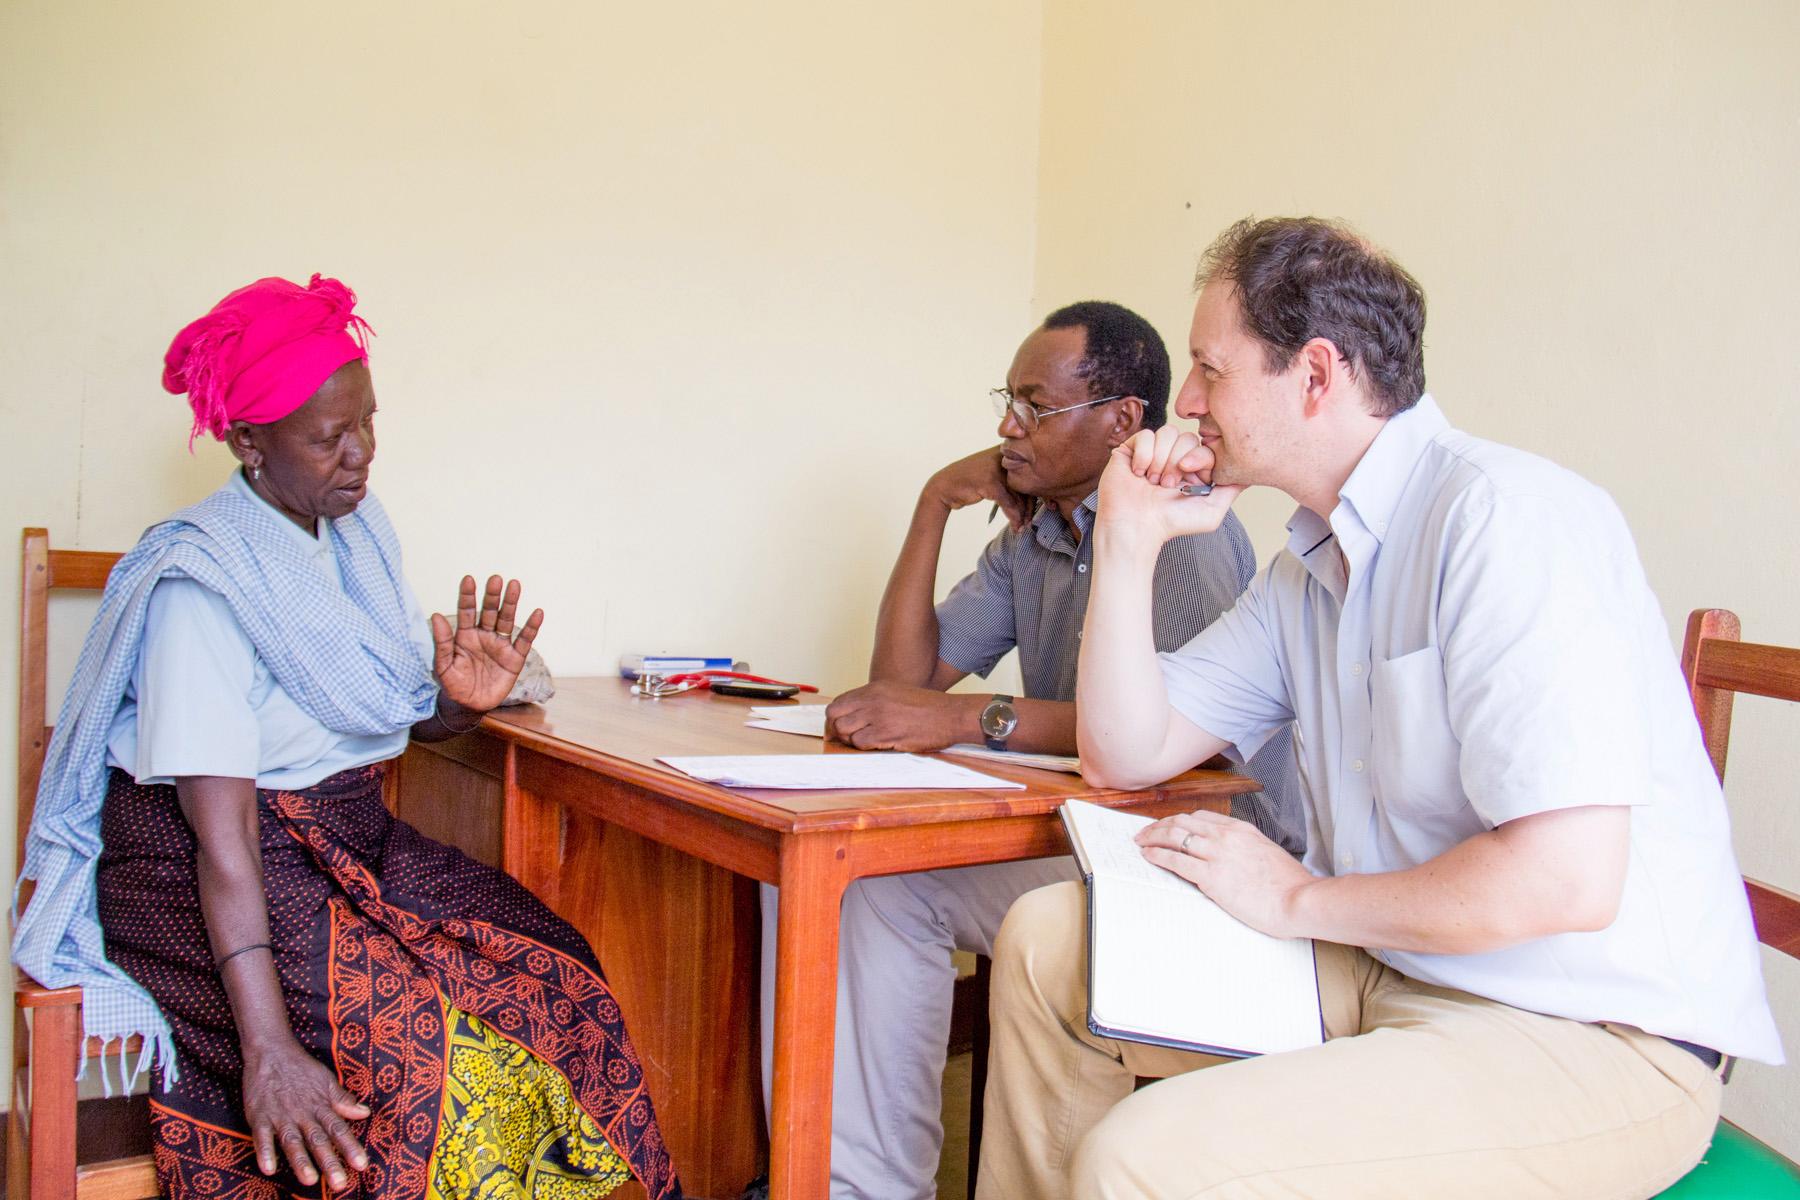 Kikavu Clinic